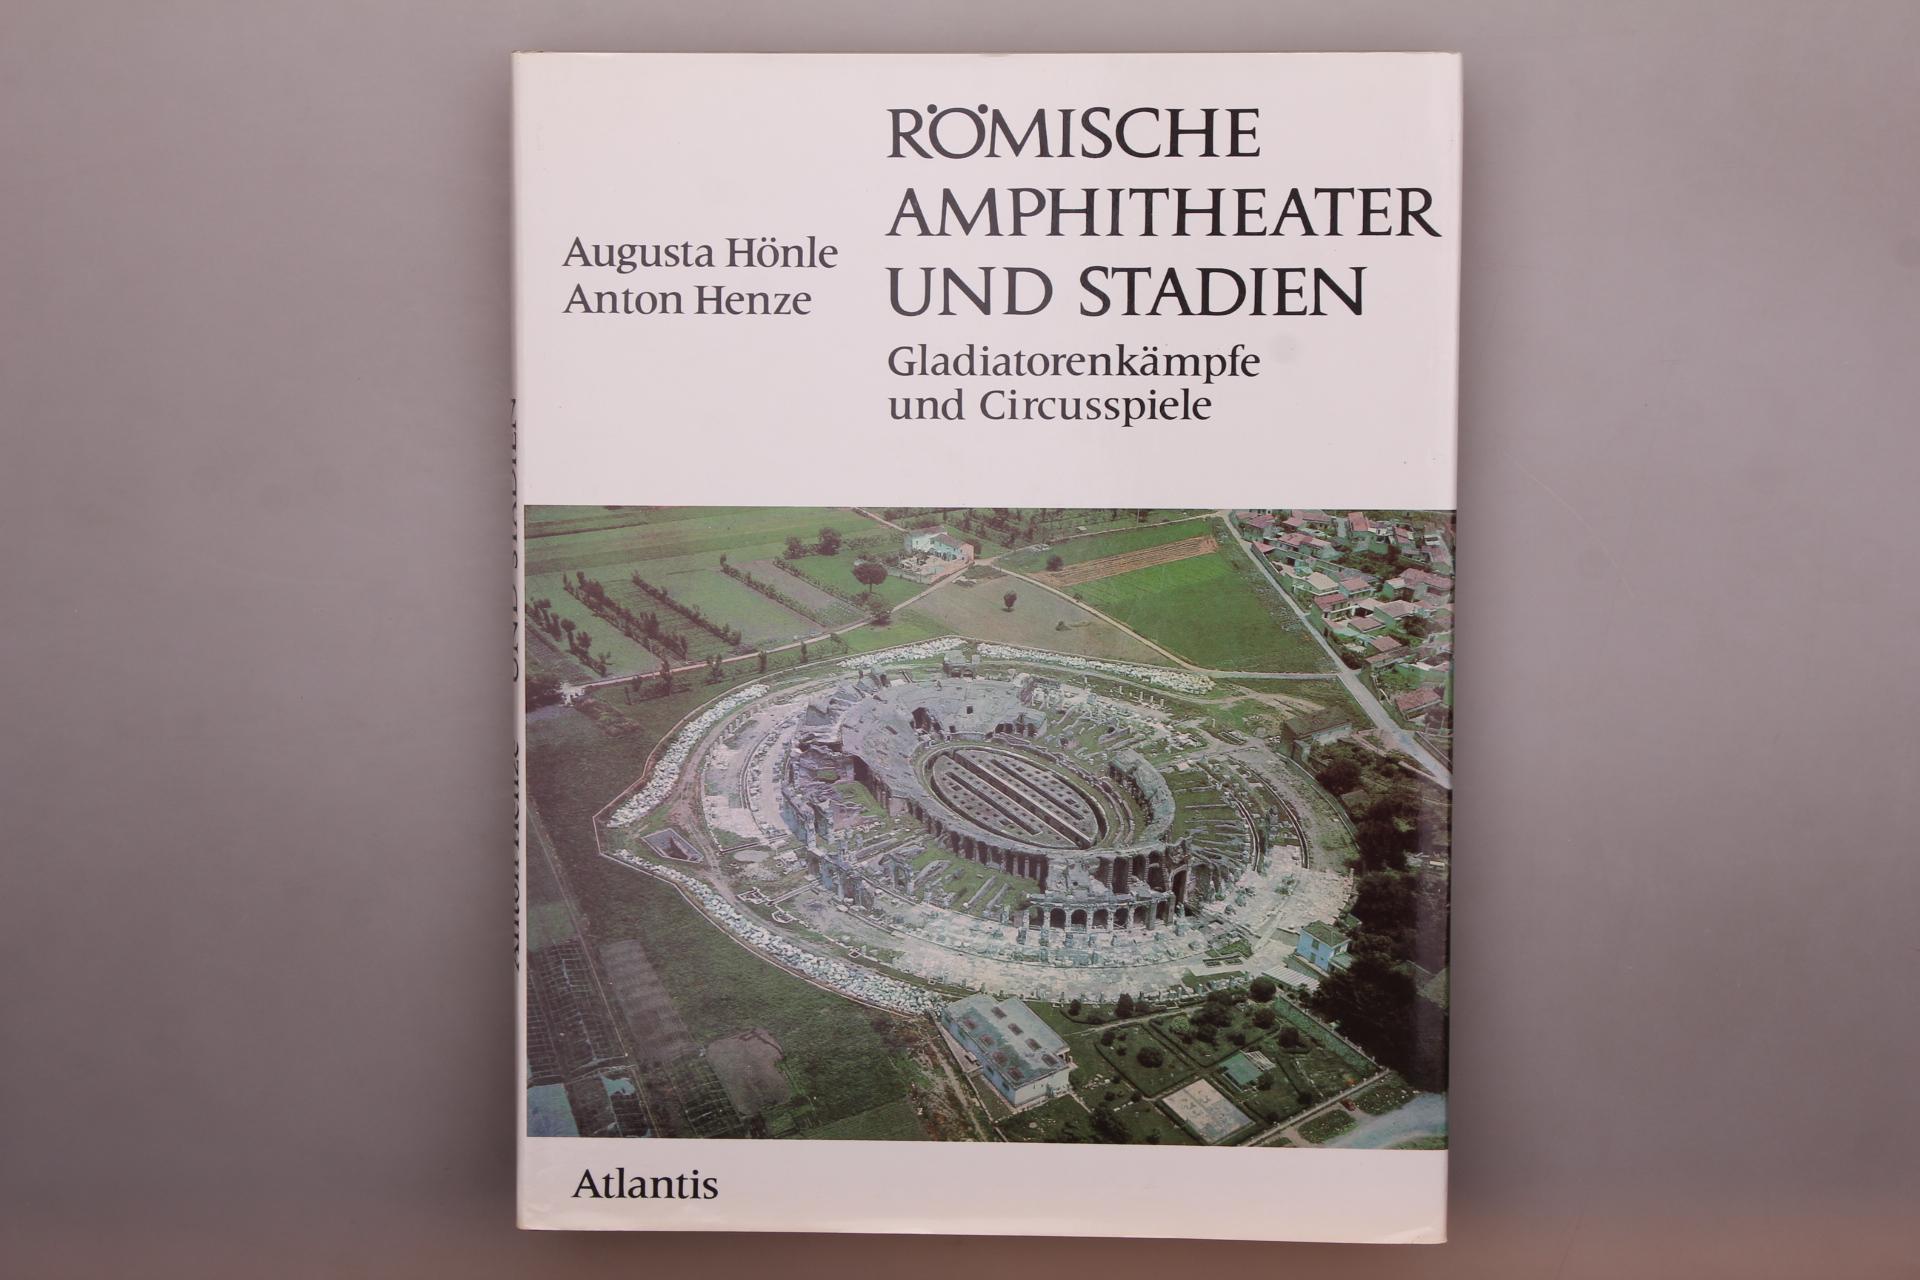 RÖMISCHE AMPHITHEATER UND STADIEN